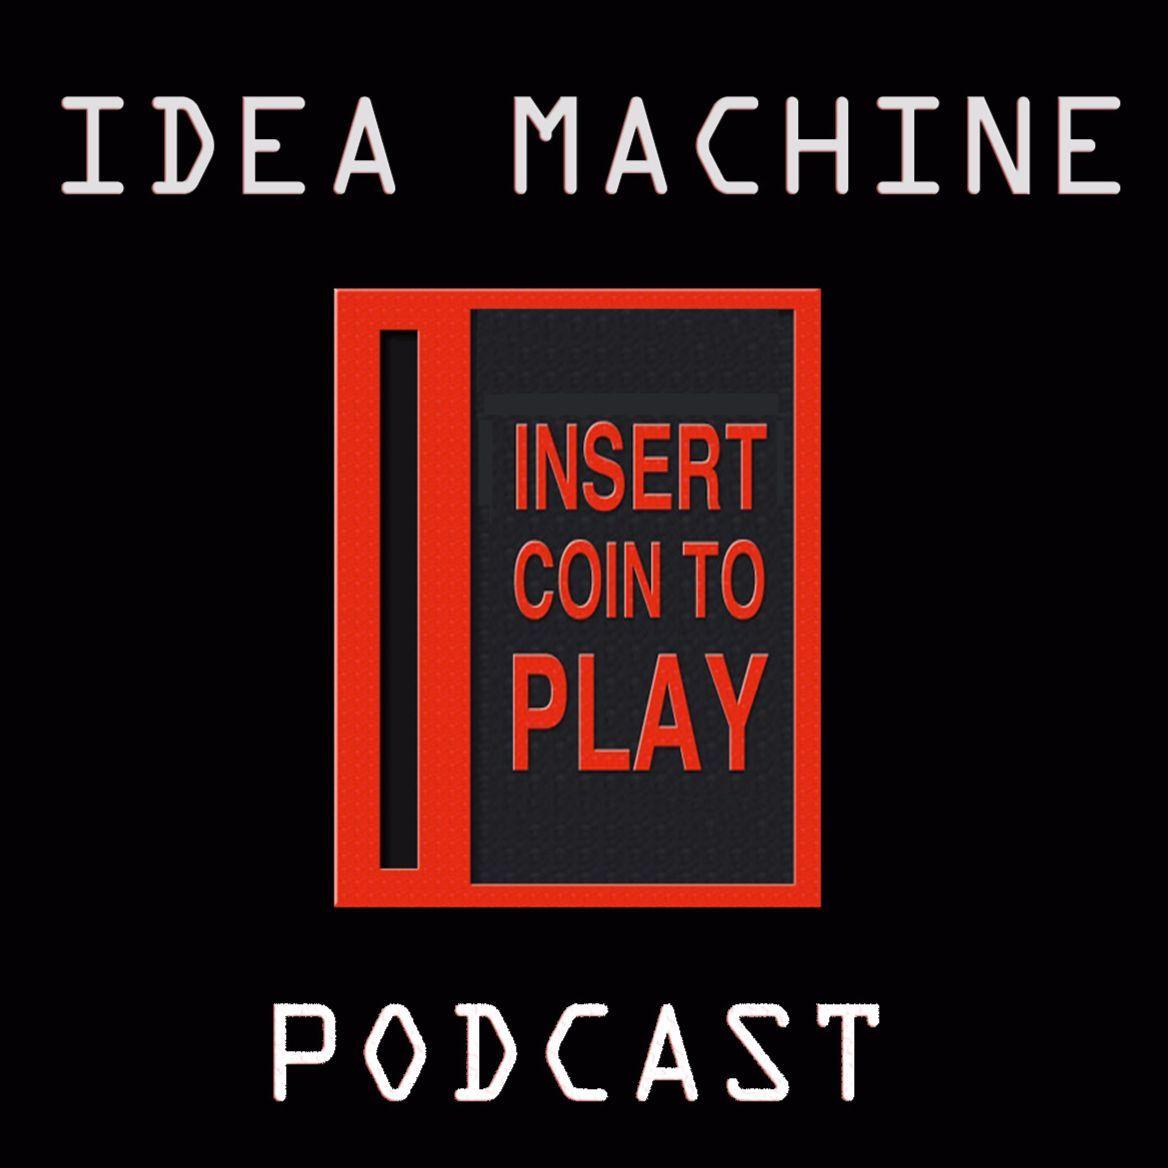 Episode 10 - Losing Control